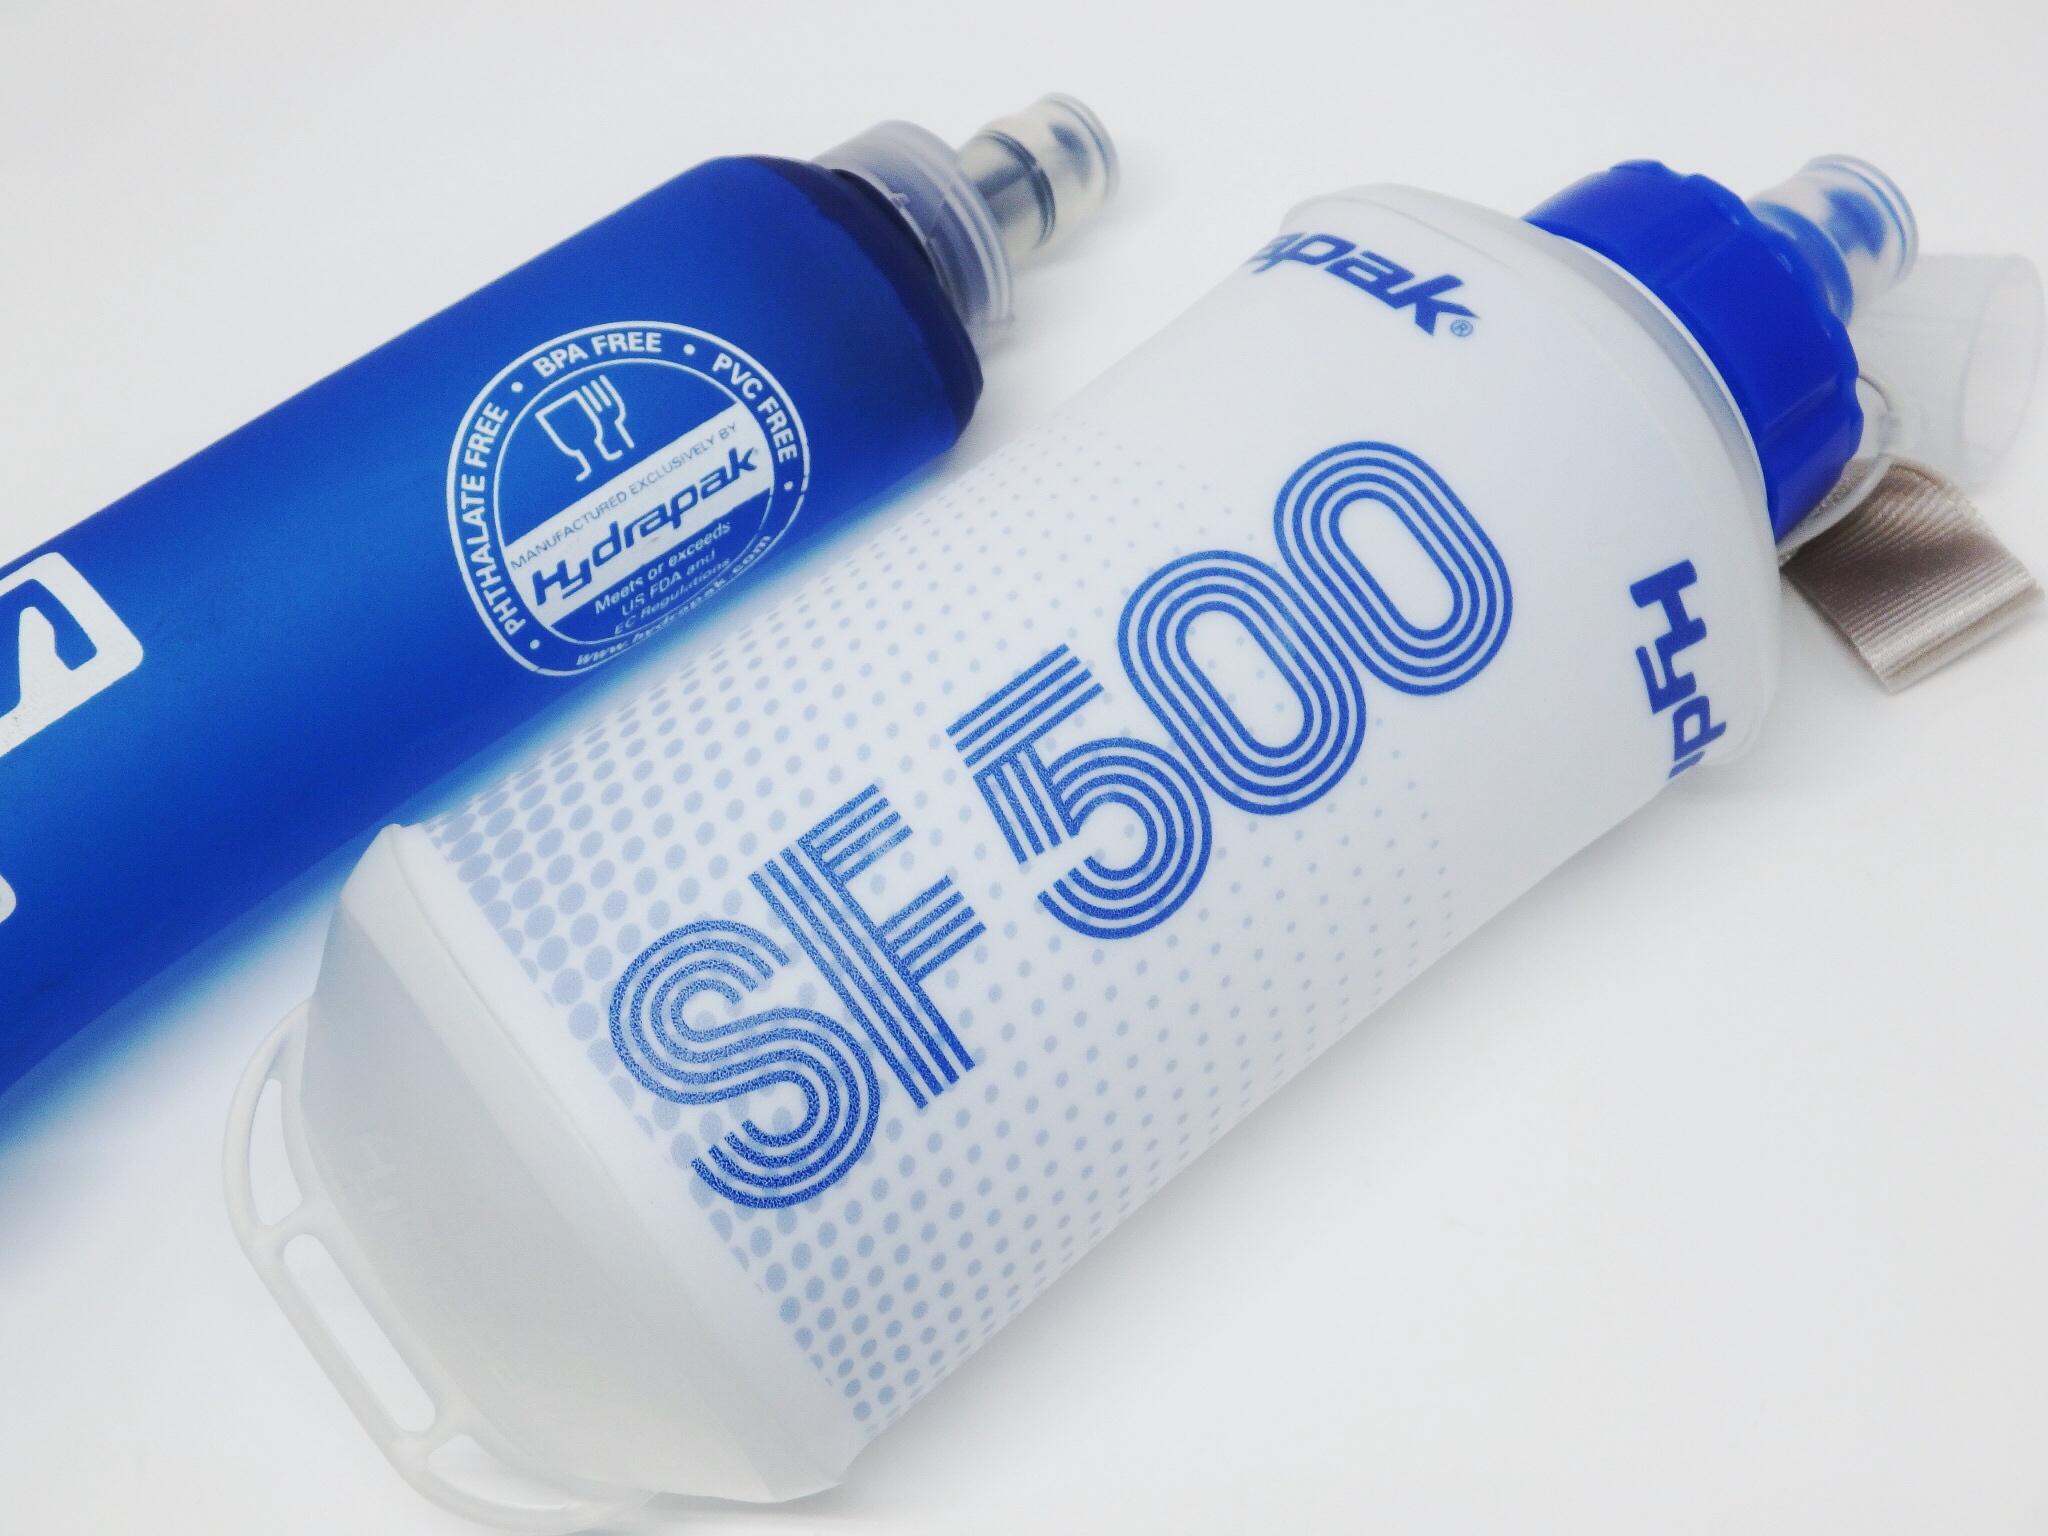 マラソンやトレイルランニングにペットボトルや水筒代わりにソフトフラスク持って行きませんか?